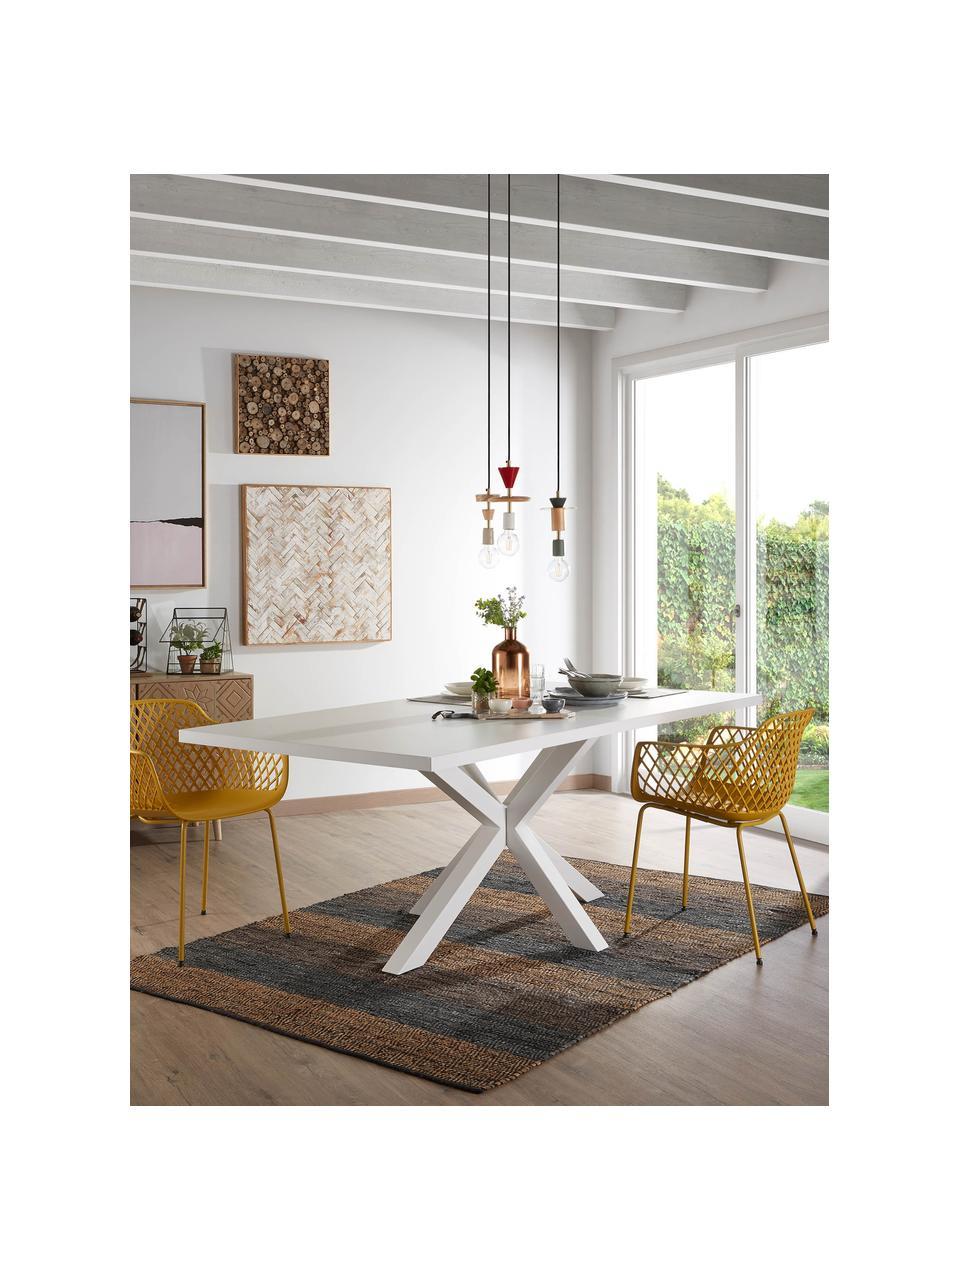 Esstisch New-Arya, 160 x 100 cm, Tischplatte: Mitteldichte Holzfaserpla, Gestell: Metall, lackiert, Weiß, 160 x 78 cm